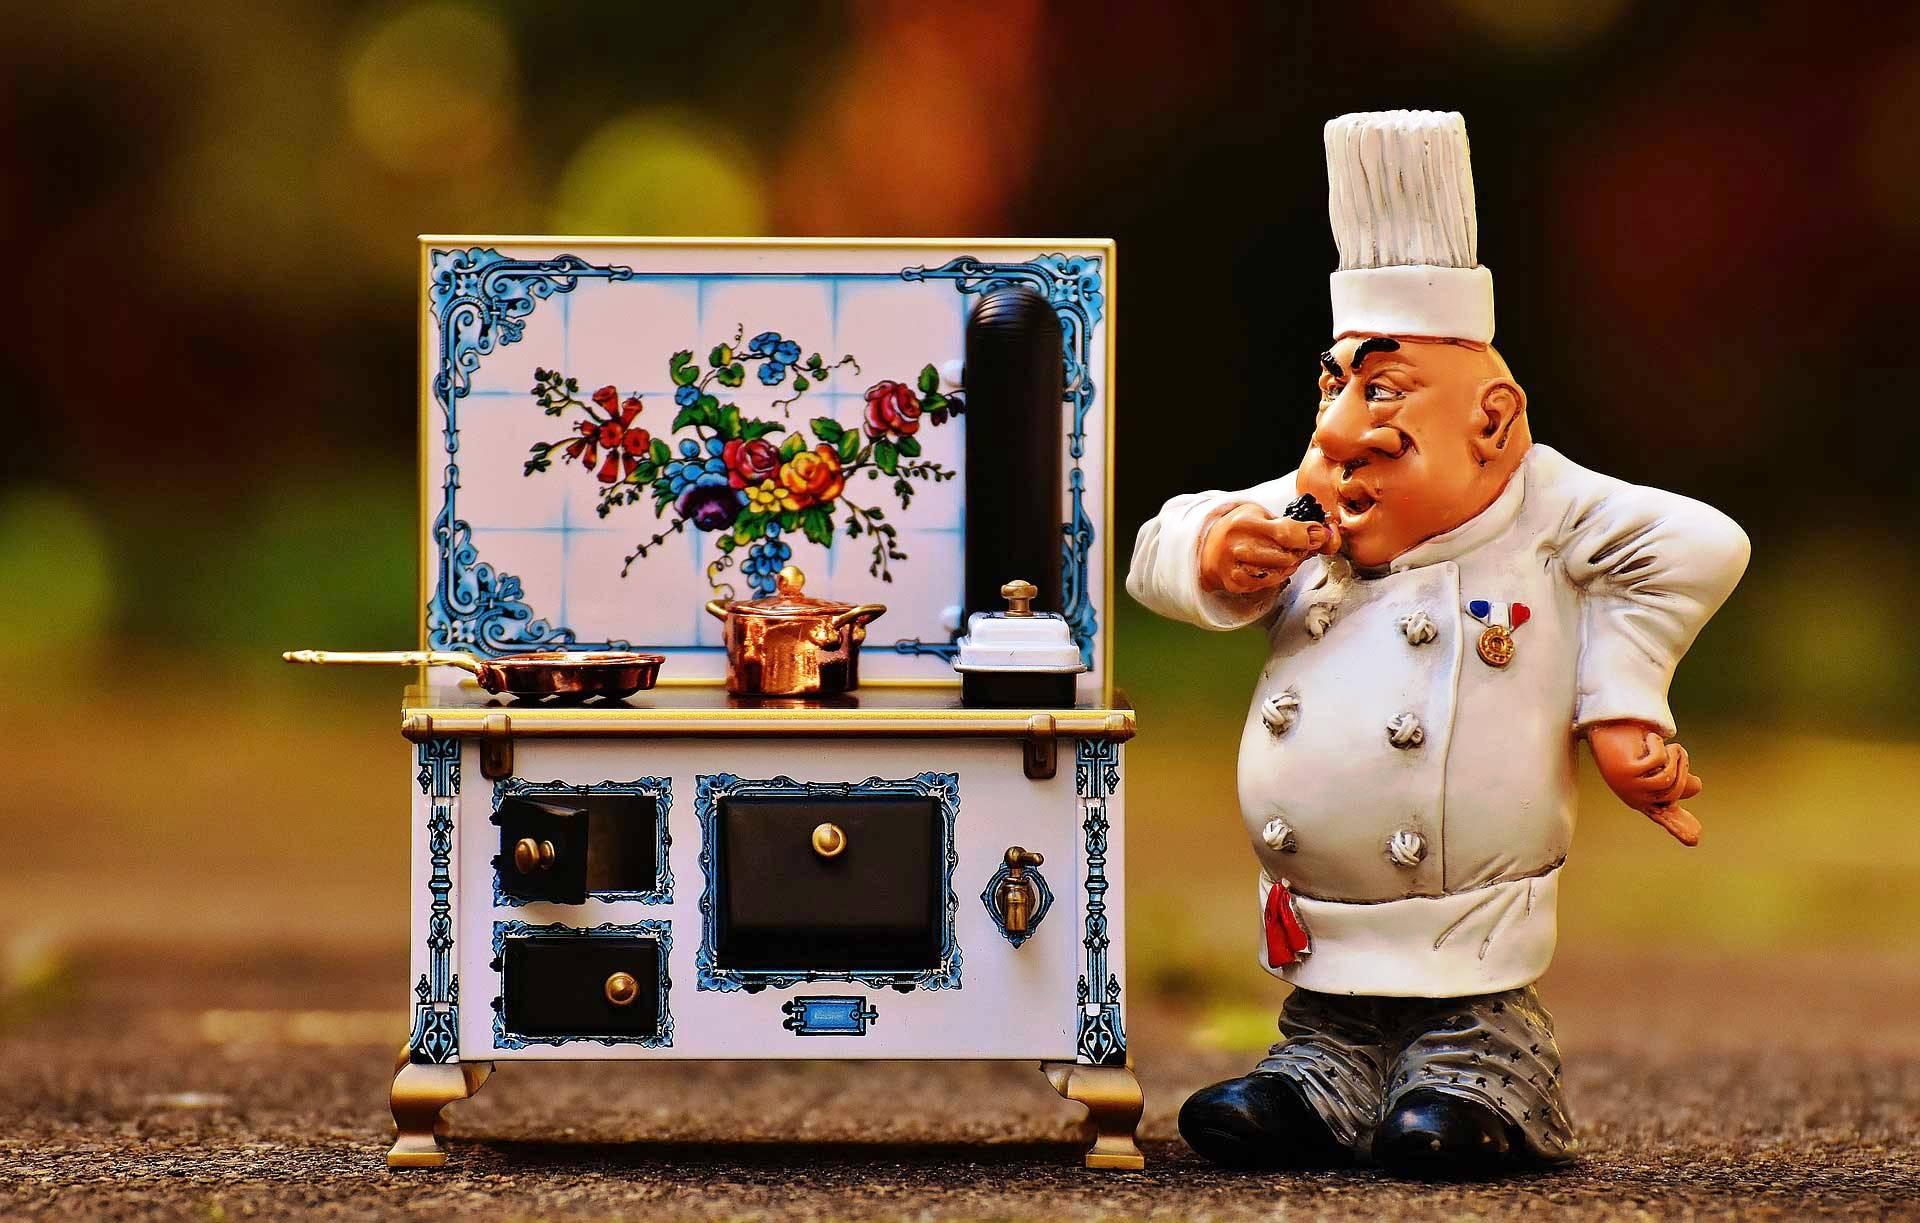 Hobbykoch - Spiezeugkoch mit Herd und Pfannen - Pfannen-Einmaleins